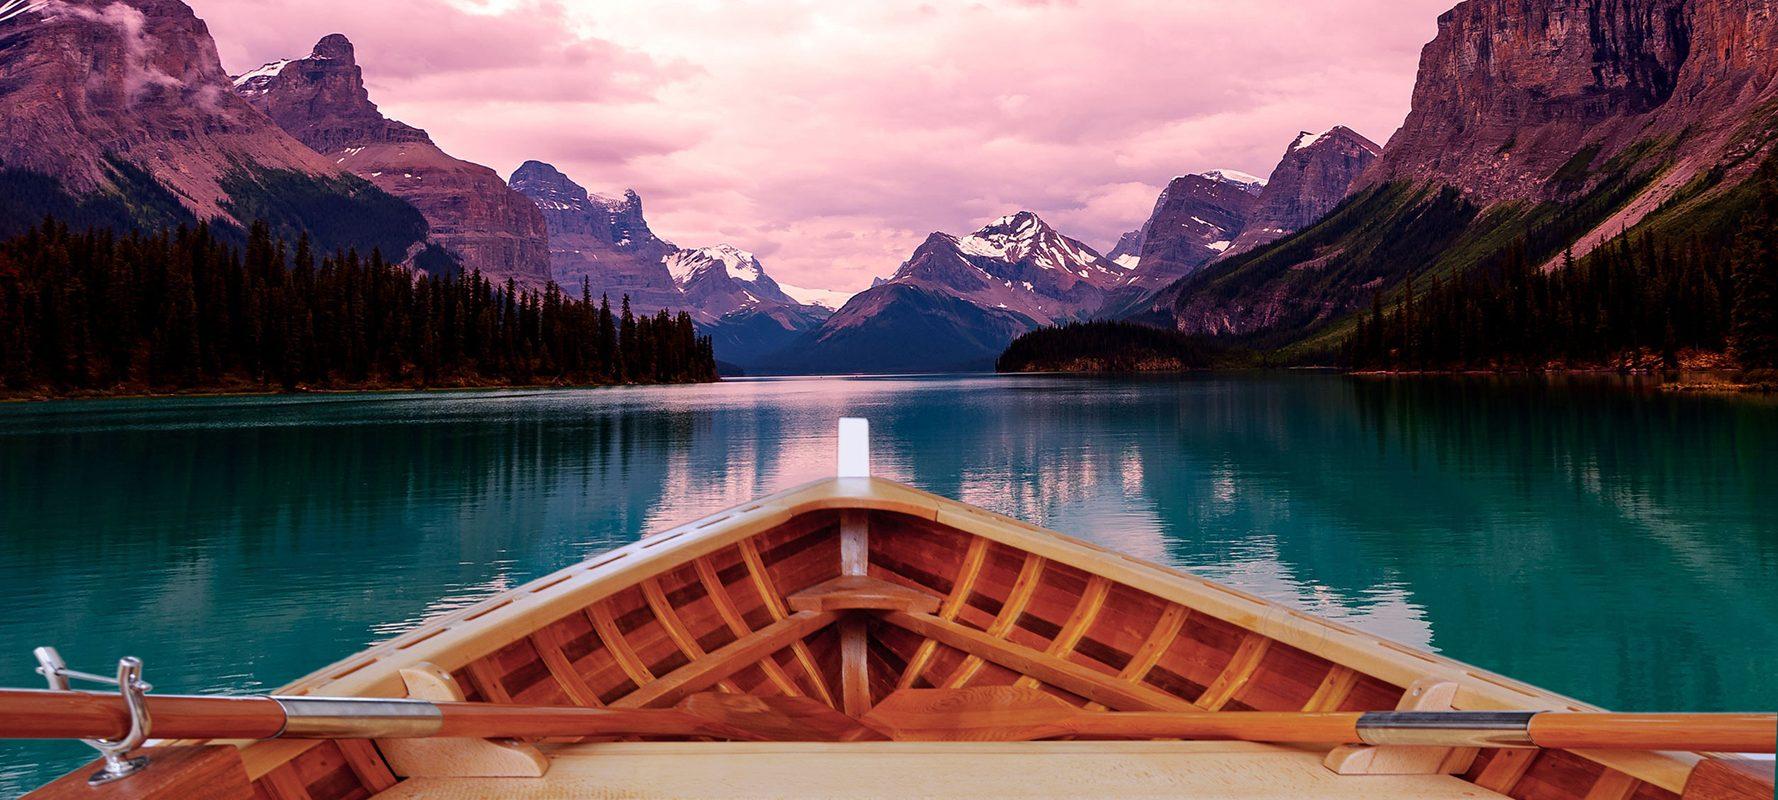 clinker built whitehall row boat